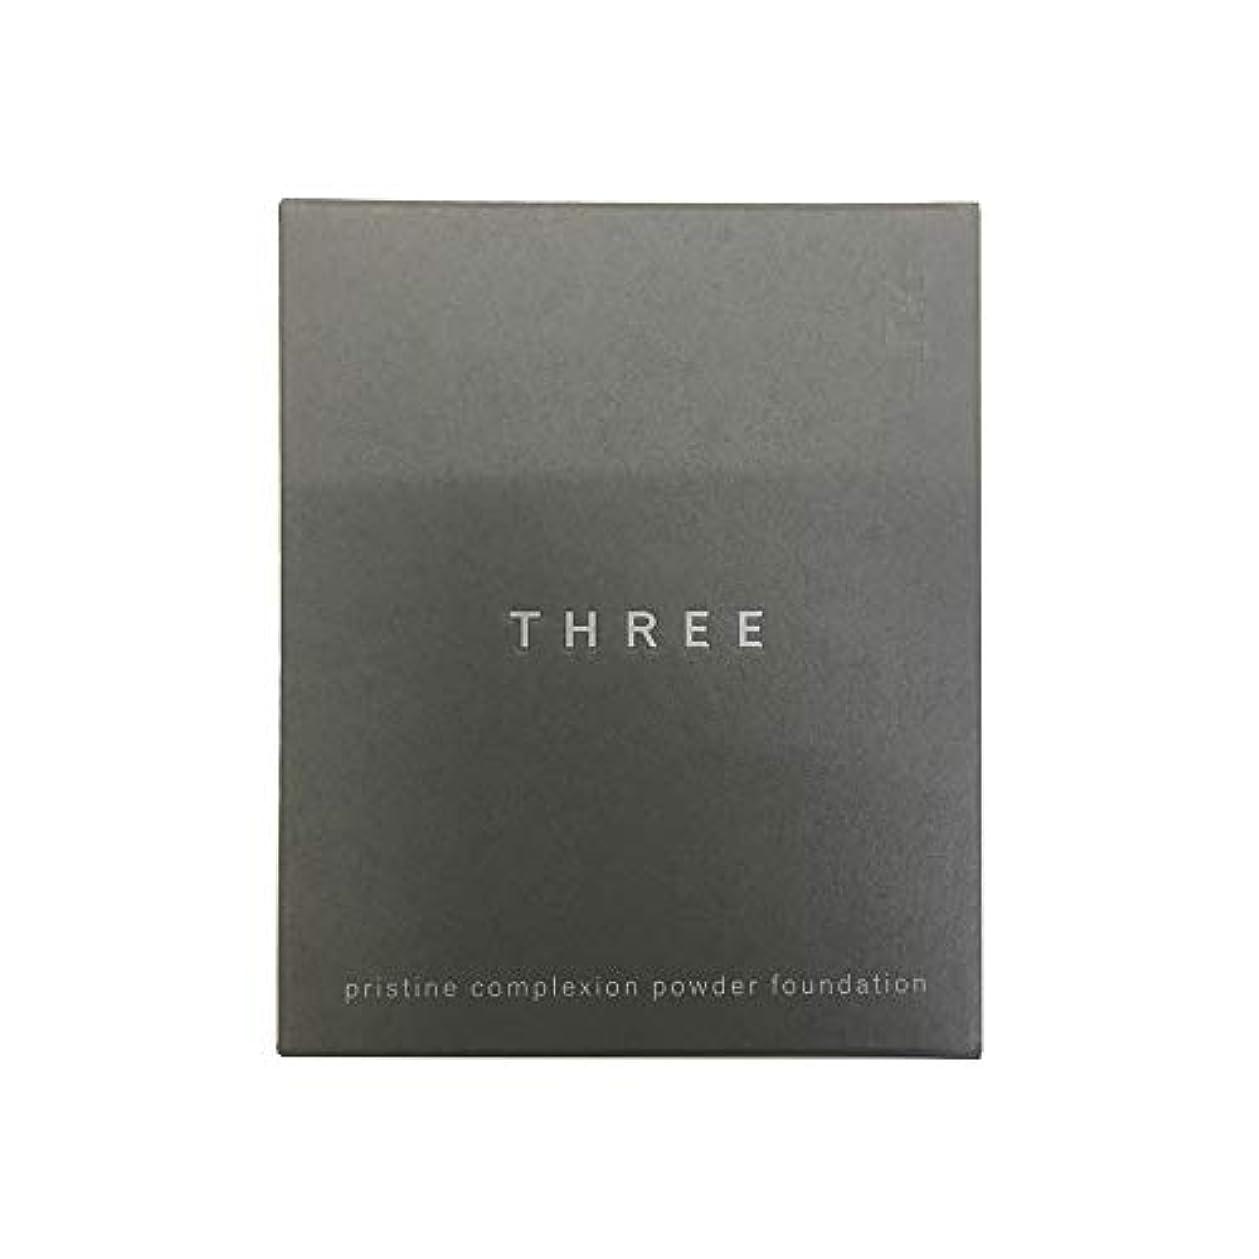 満足させるイタリック思想THREE(スリー) プリスティーンコンプレクションパウダーファンデーション #204(リフィル) [ パウダーファンデーション ] [並行輸入品]